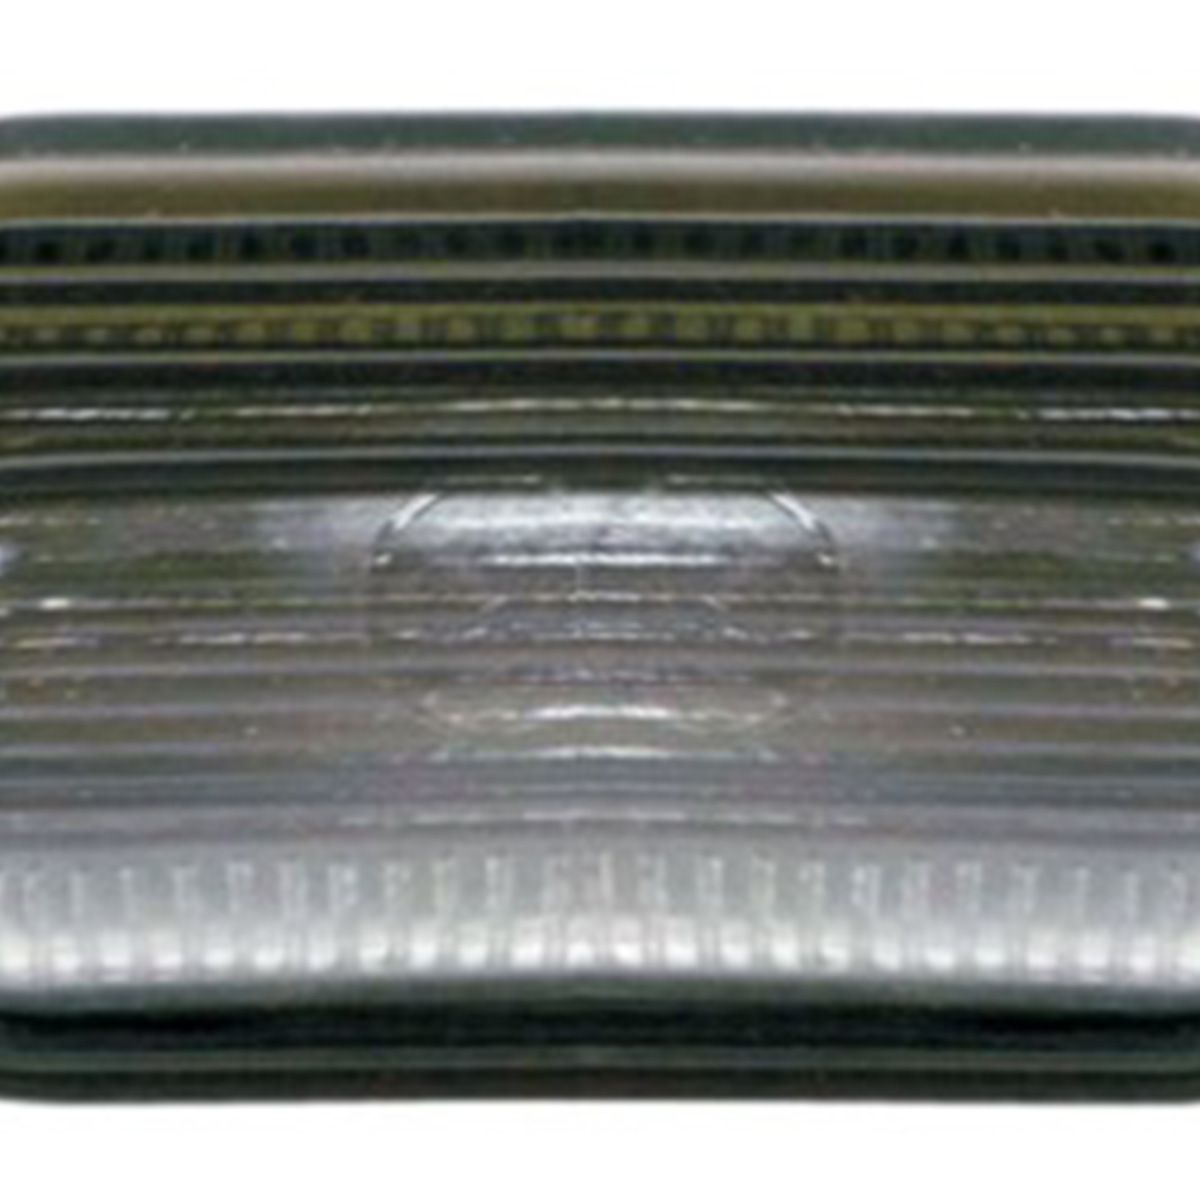 Tartaruga Oval 20cm Aluminio Pint. Epoxi E-27 1 Lamp. Max 60w Meia Cana Preta 5 unidades